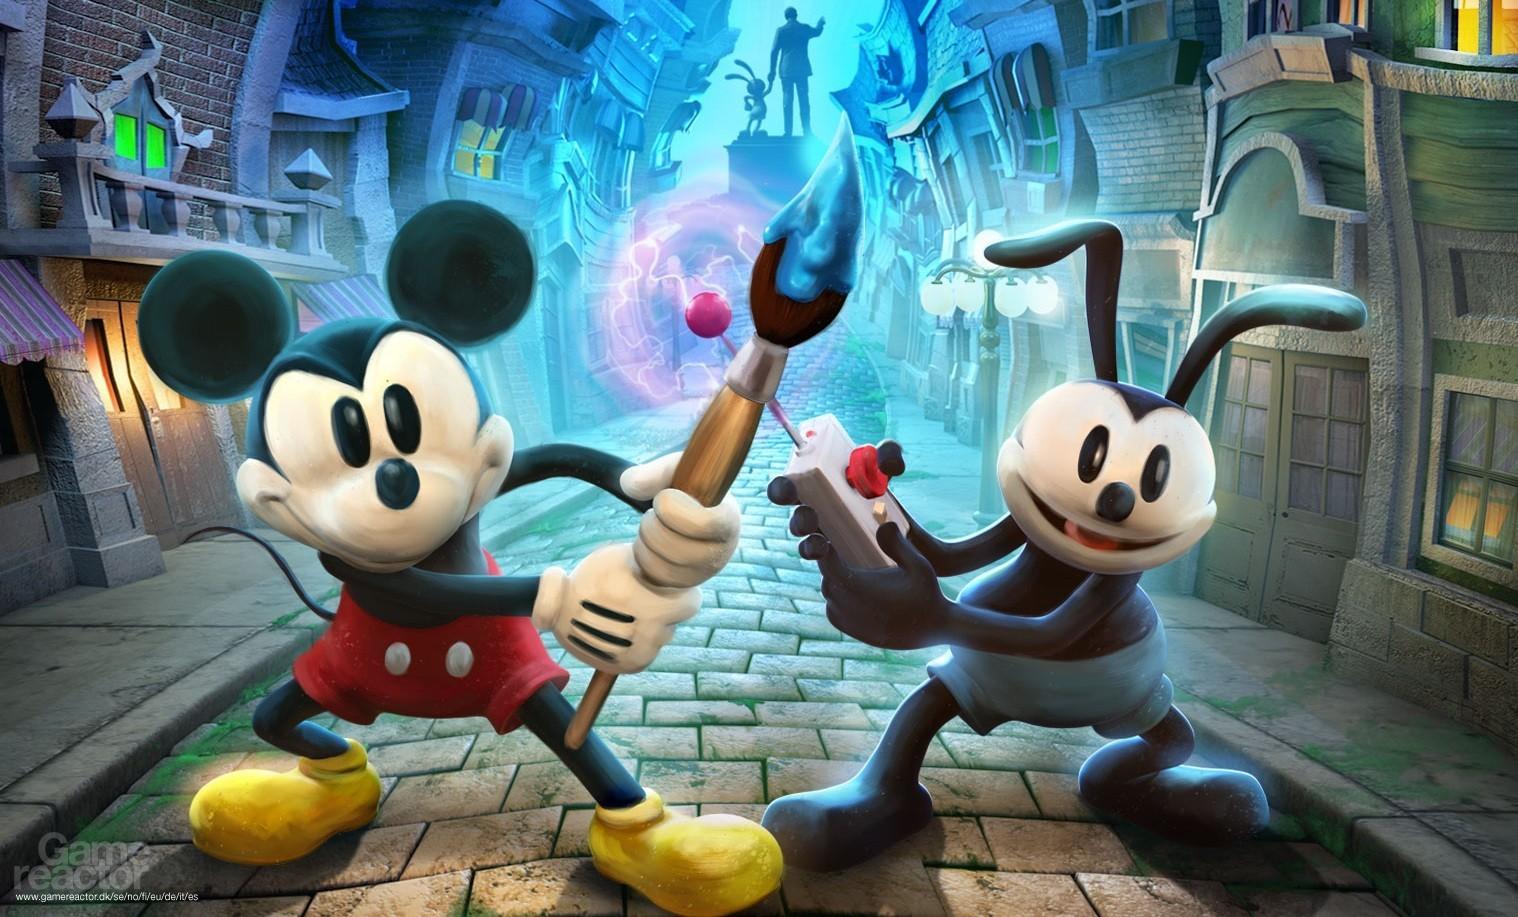 Disney Epic Mickey 2: El retorno de dos héroes Avance - Gamereactor